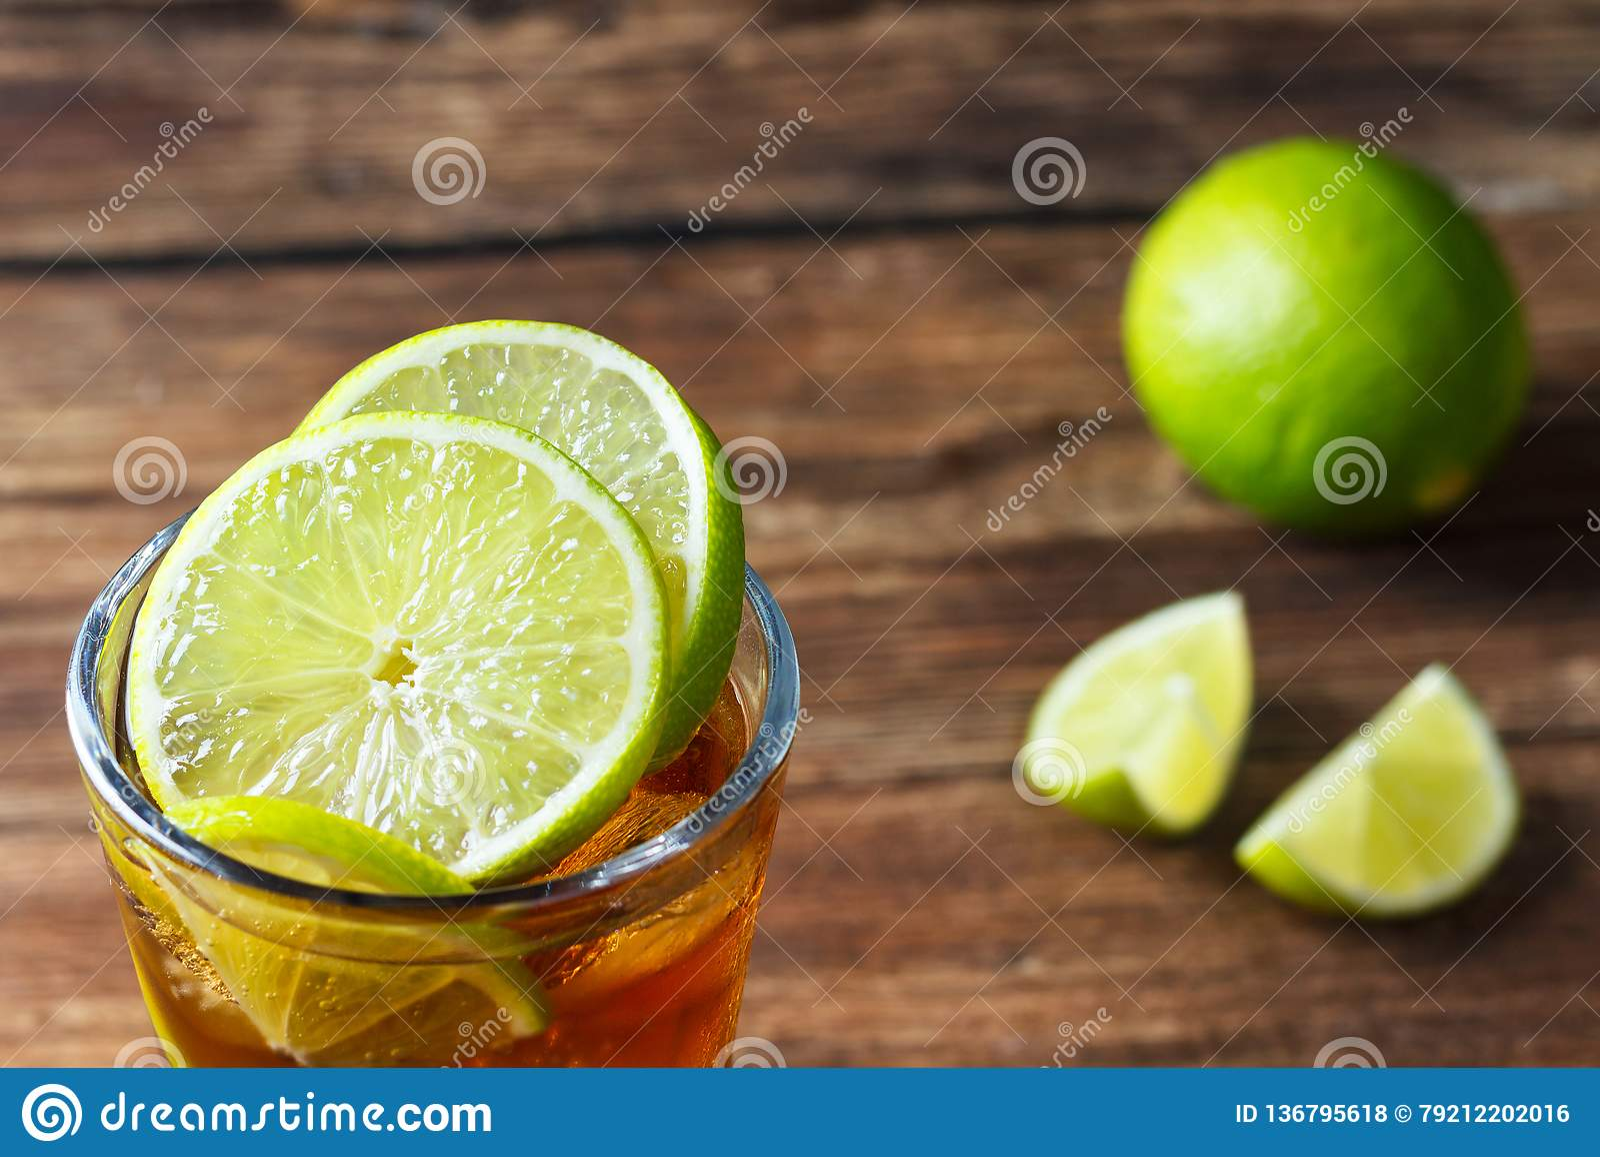 Coctail med cola och limefrukt